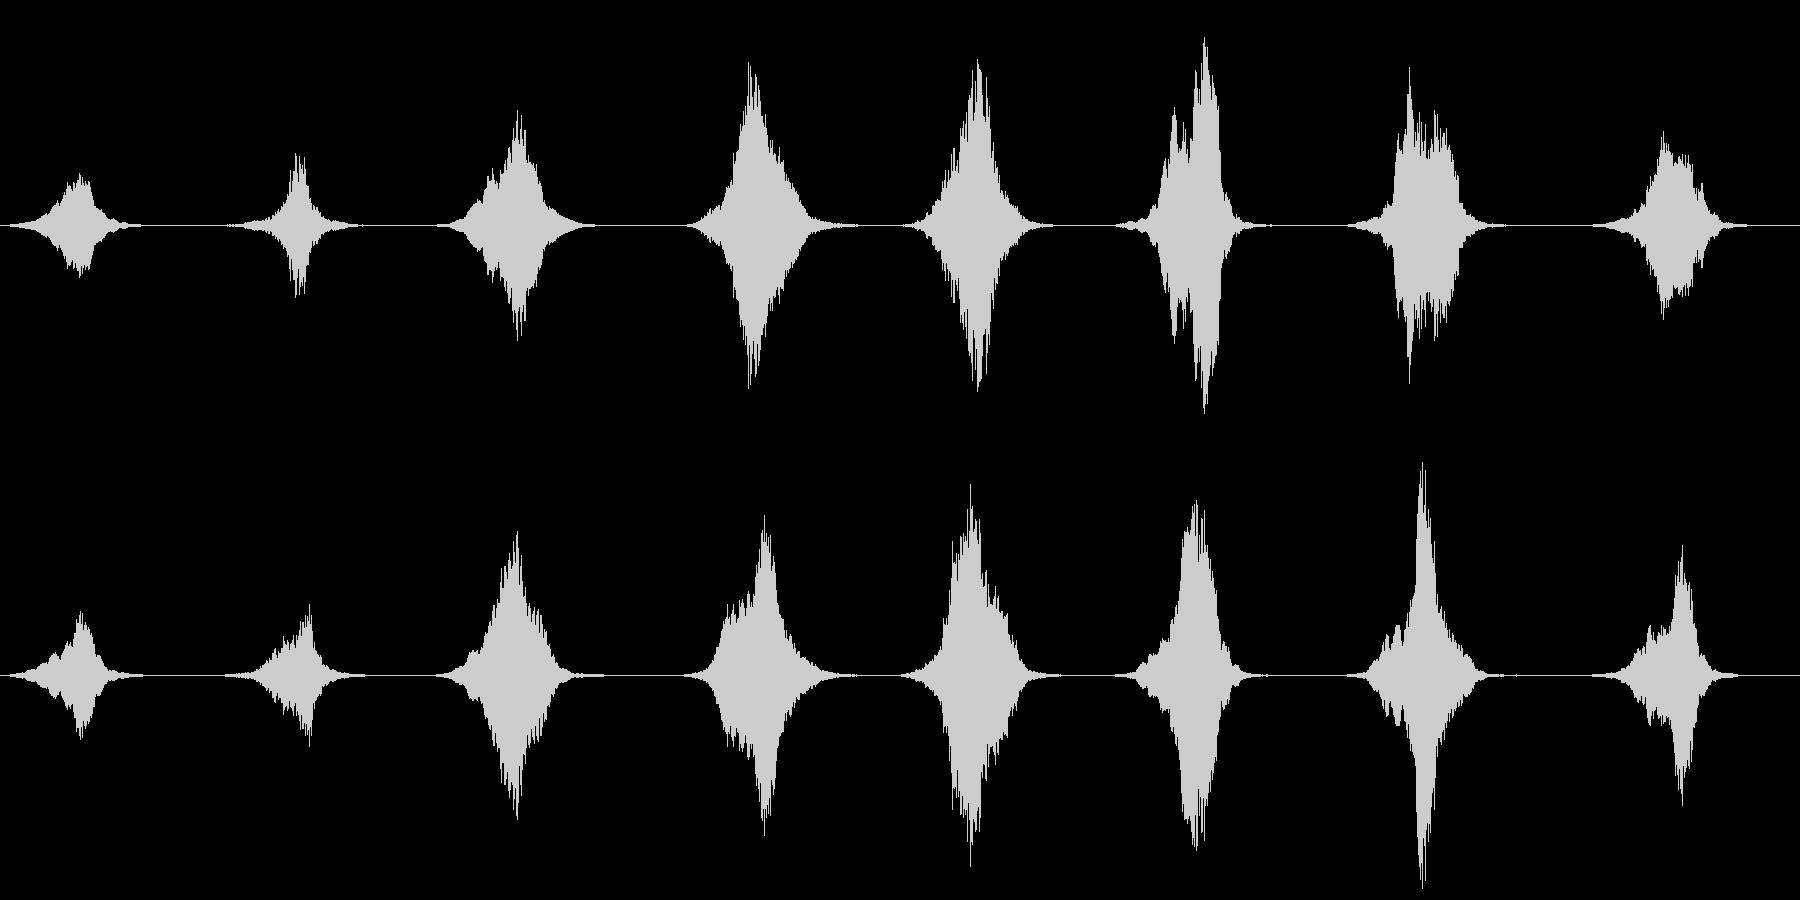 キーン…静かで冷たい恐怖の演出の未再生の波形